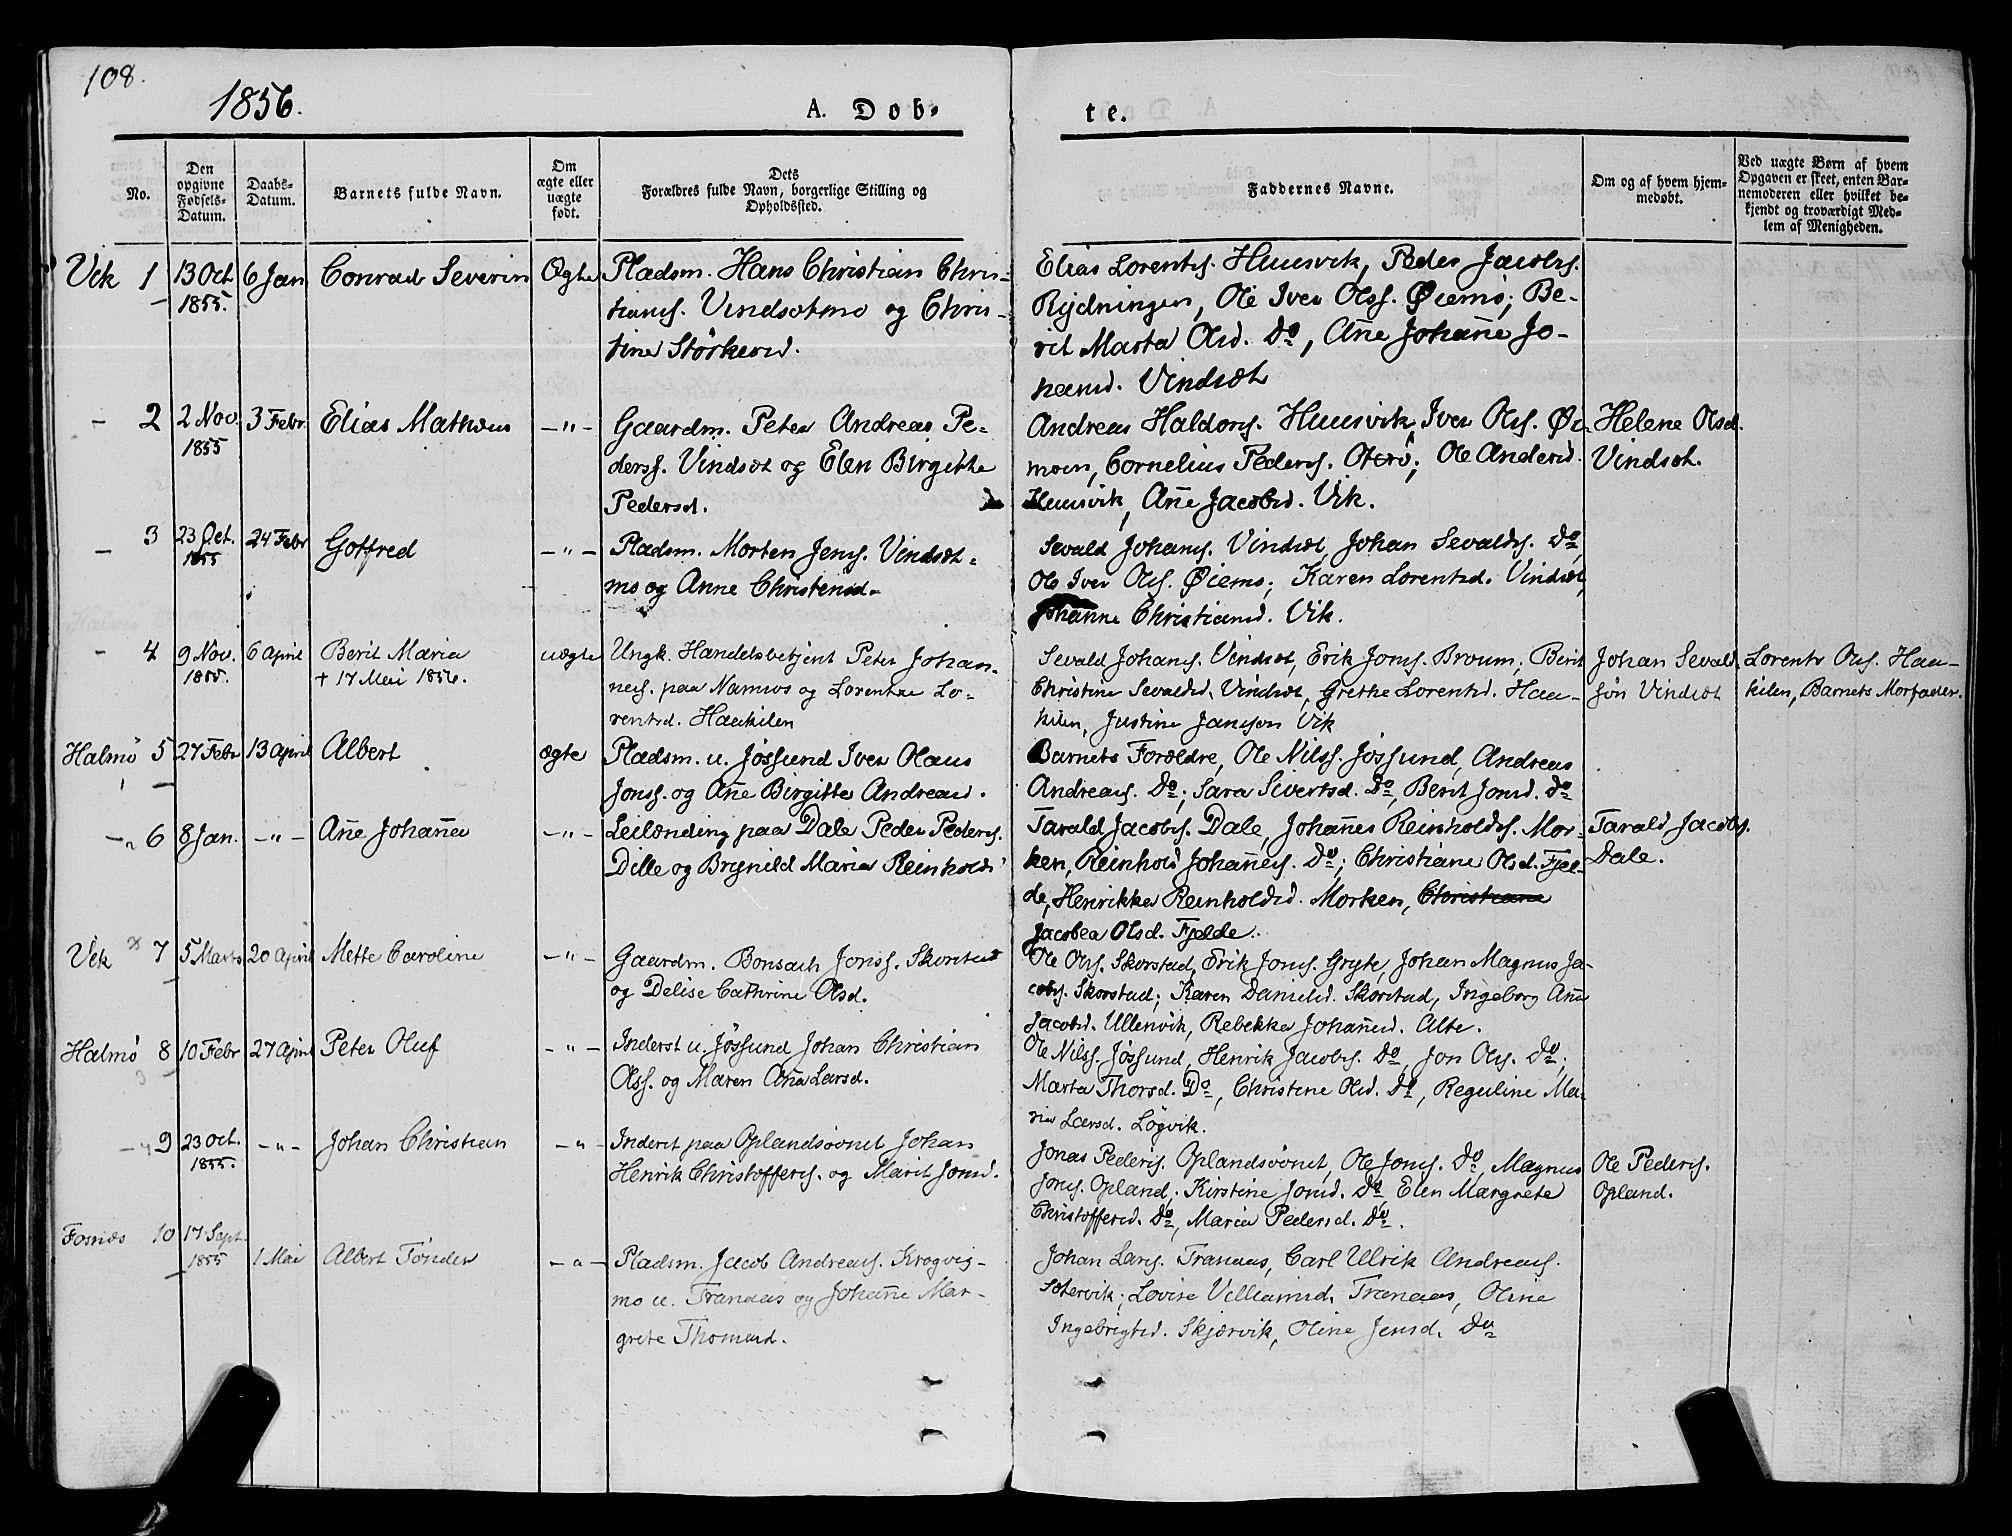 SAT, Ministerialprotokoller, klokkerbøker og fødselsregistre - Nord-Trøndelag, 773/L0614: Ministerialbok nr. 773A05, 1831-1856, s. 108